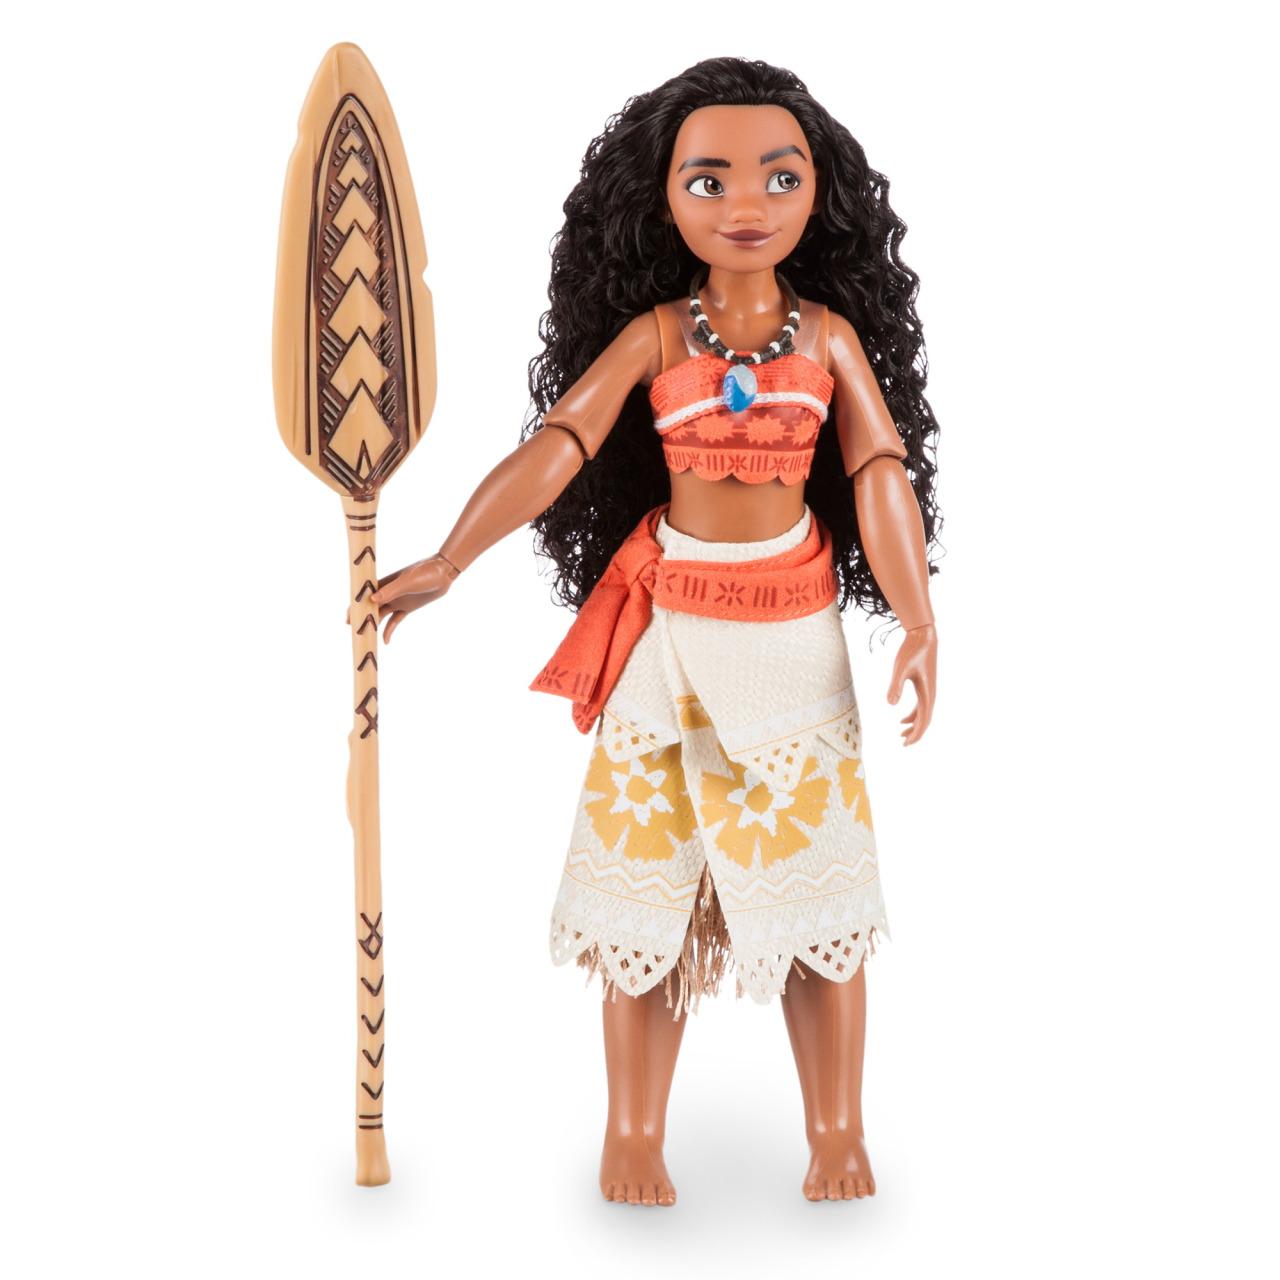 Moana Doll from Disney store